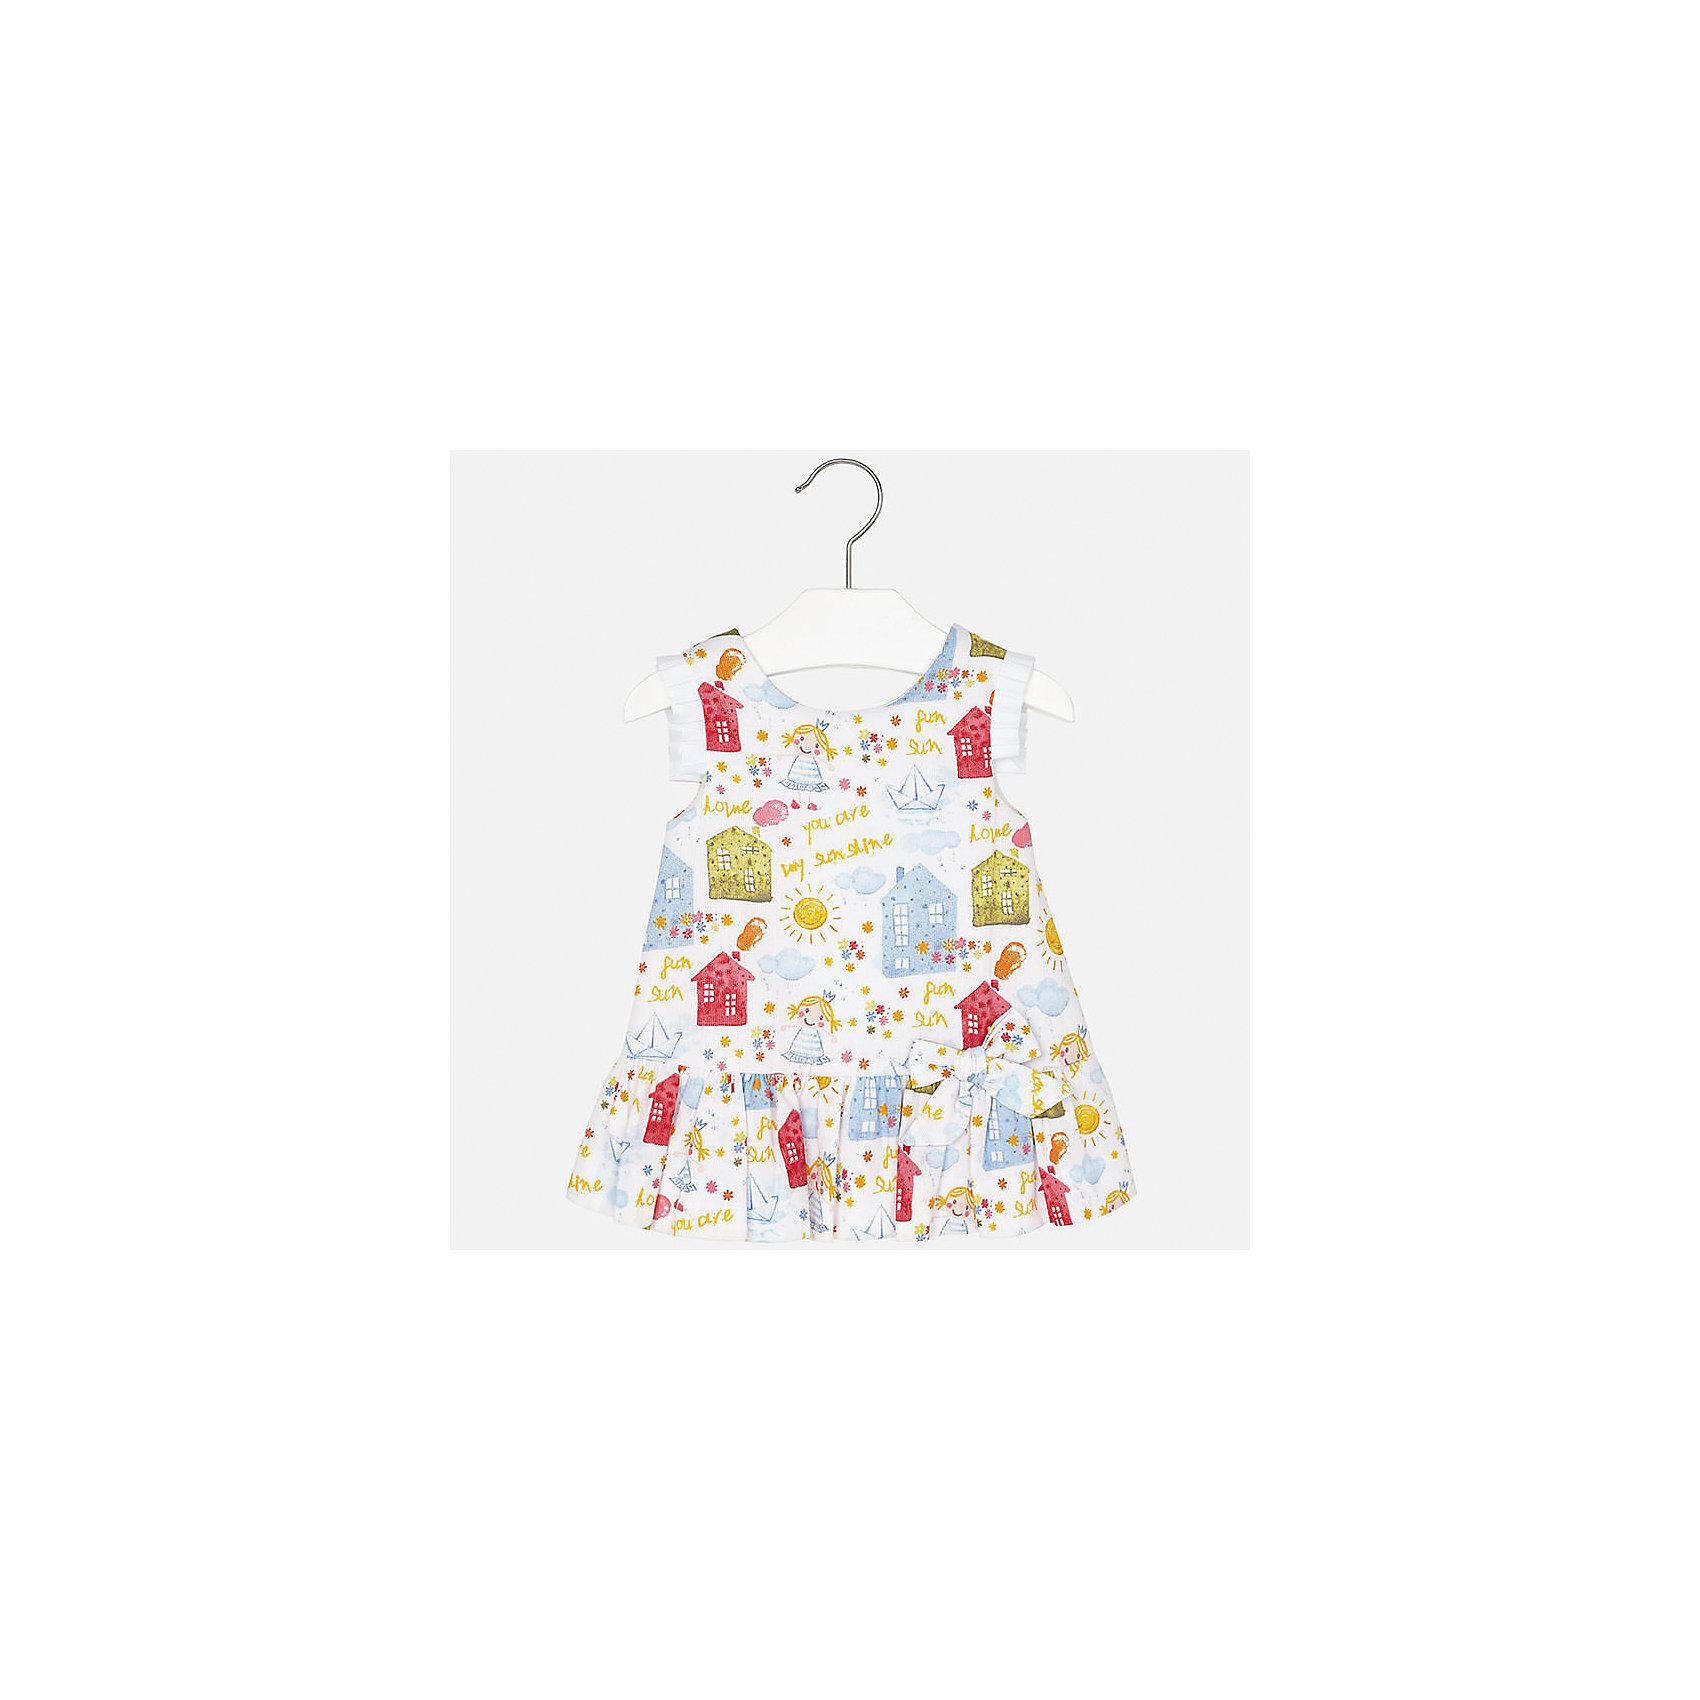 Платье для девочки MayoralПлатья<br>Характеристики товара:<br><br>• цвет: белый принт<br>• состав: 100% хлопок, подкладка - 50% полиэстер, 50% хлопок<br>• застежка: молния<br>• легкий материал<br>• оборки на рукавах<br>• плиссированный низ<br>• с подкладкой<br>• принт<br>• страна бренда: Испания<br><br>Красивое легкое платье для девочки поможет разнообразить гардероб ребенка и создать эффектный наряд. Оно подойдет и для торжественных случаев, может быть и как ежедневный наряд. Красивый оттенок позволяет подобрать к вещи обувь разных расцветок. В составе материала подкладки - натуральный хлопок, гипоаллергенный, приятный на ощупь, дышащий. Платье хорошо сидит по фигуре.<br><br>Одежда, обувь и аксессуары от испанского бренда Mayoral полюбились детям и взрослым по всему миру. Модели этой марки - стильные и удобные. Для их производства используются только безопасные, качественные материалы и фурнитура. Порадуйте ребенка модными и красивыми вещами от Mayoral! <br><br>Платье для девочки от испанского бренда Mayoral (Майорал) можно купить в нашем интернет-магазине.<br><br>Ширина мм: 236<br>Глубина мм: 16<br>Высота мм: 184<br>Вес г: 177<br>Цвет: голубой<br>Возраст от месяцев: 6<br>Возраст до месяцев: 9<br>Пол: Женский<br>Возраст: Детский<br>Размер: 74,92,86,80<br>SKU: 5289223